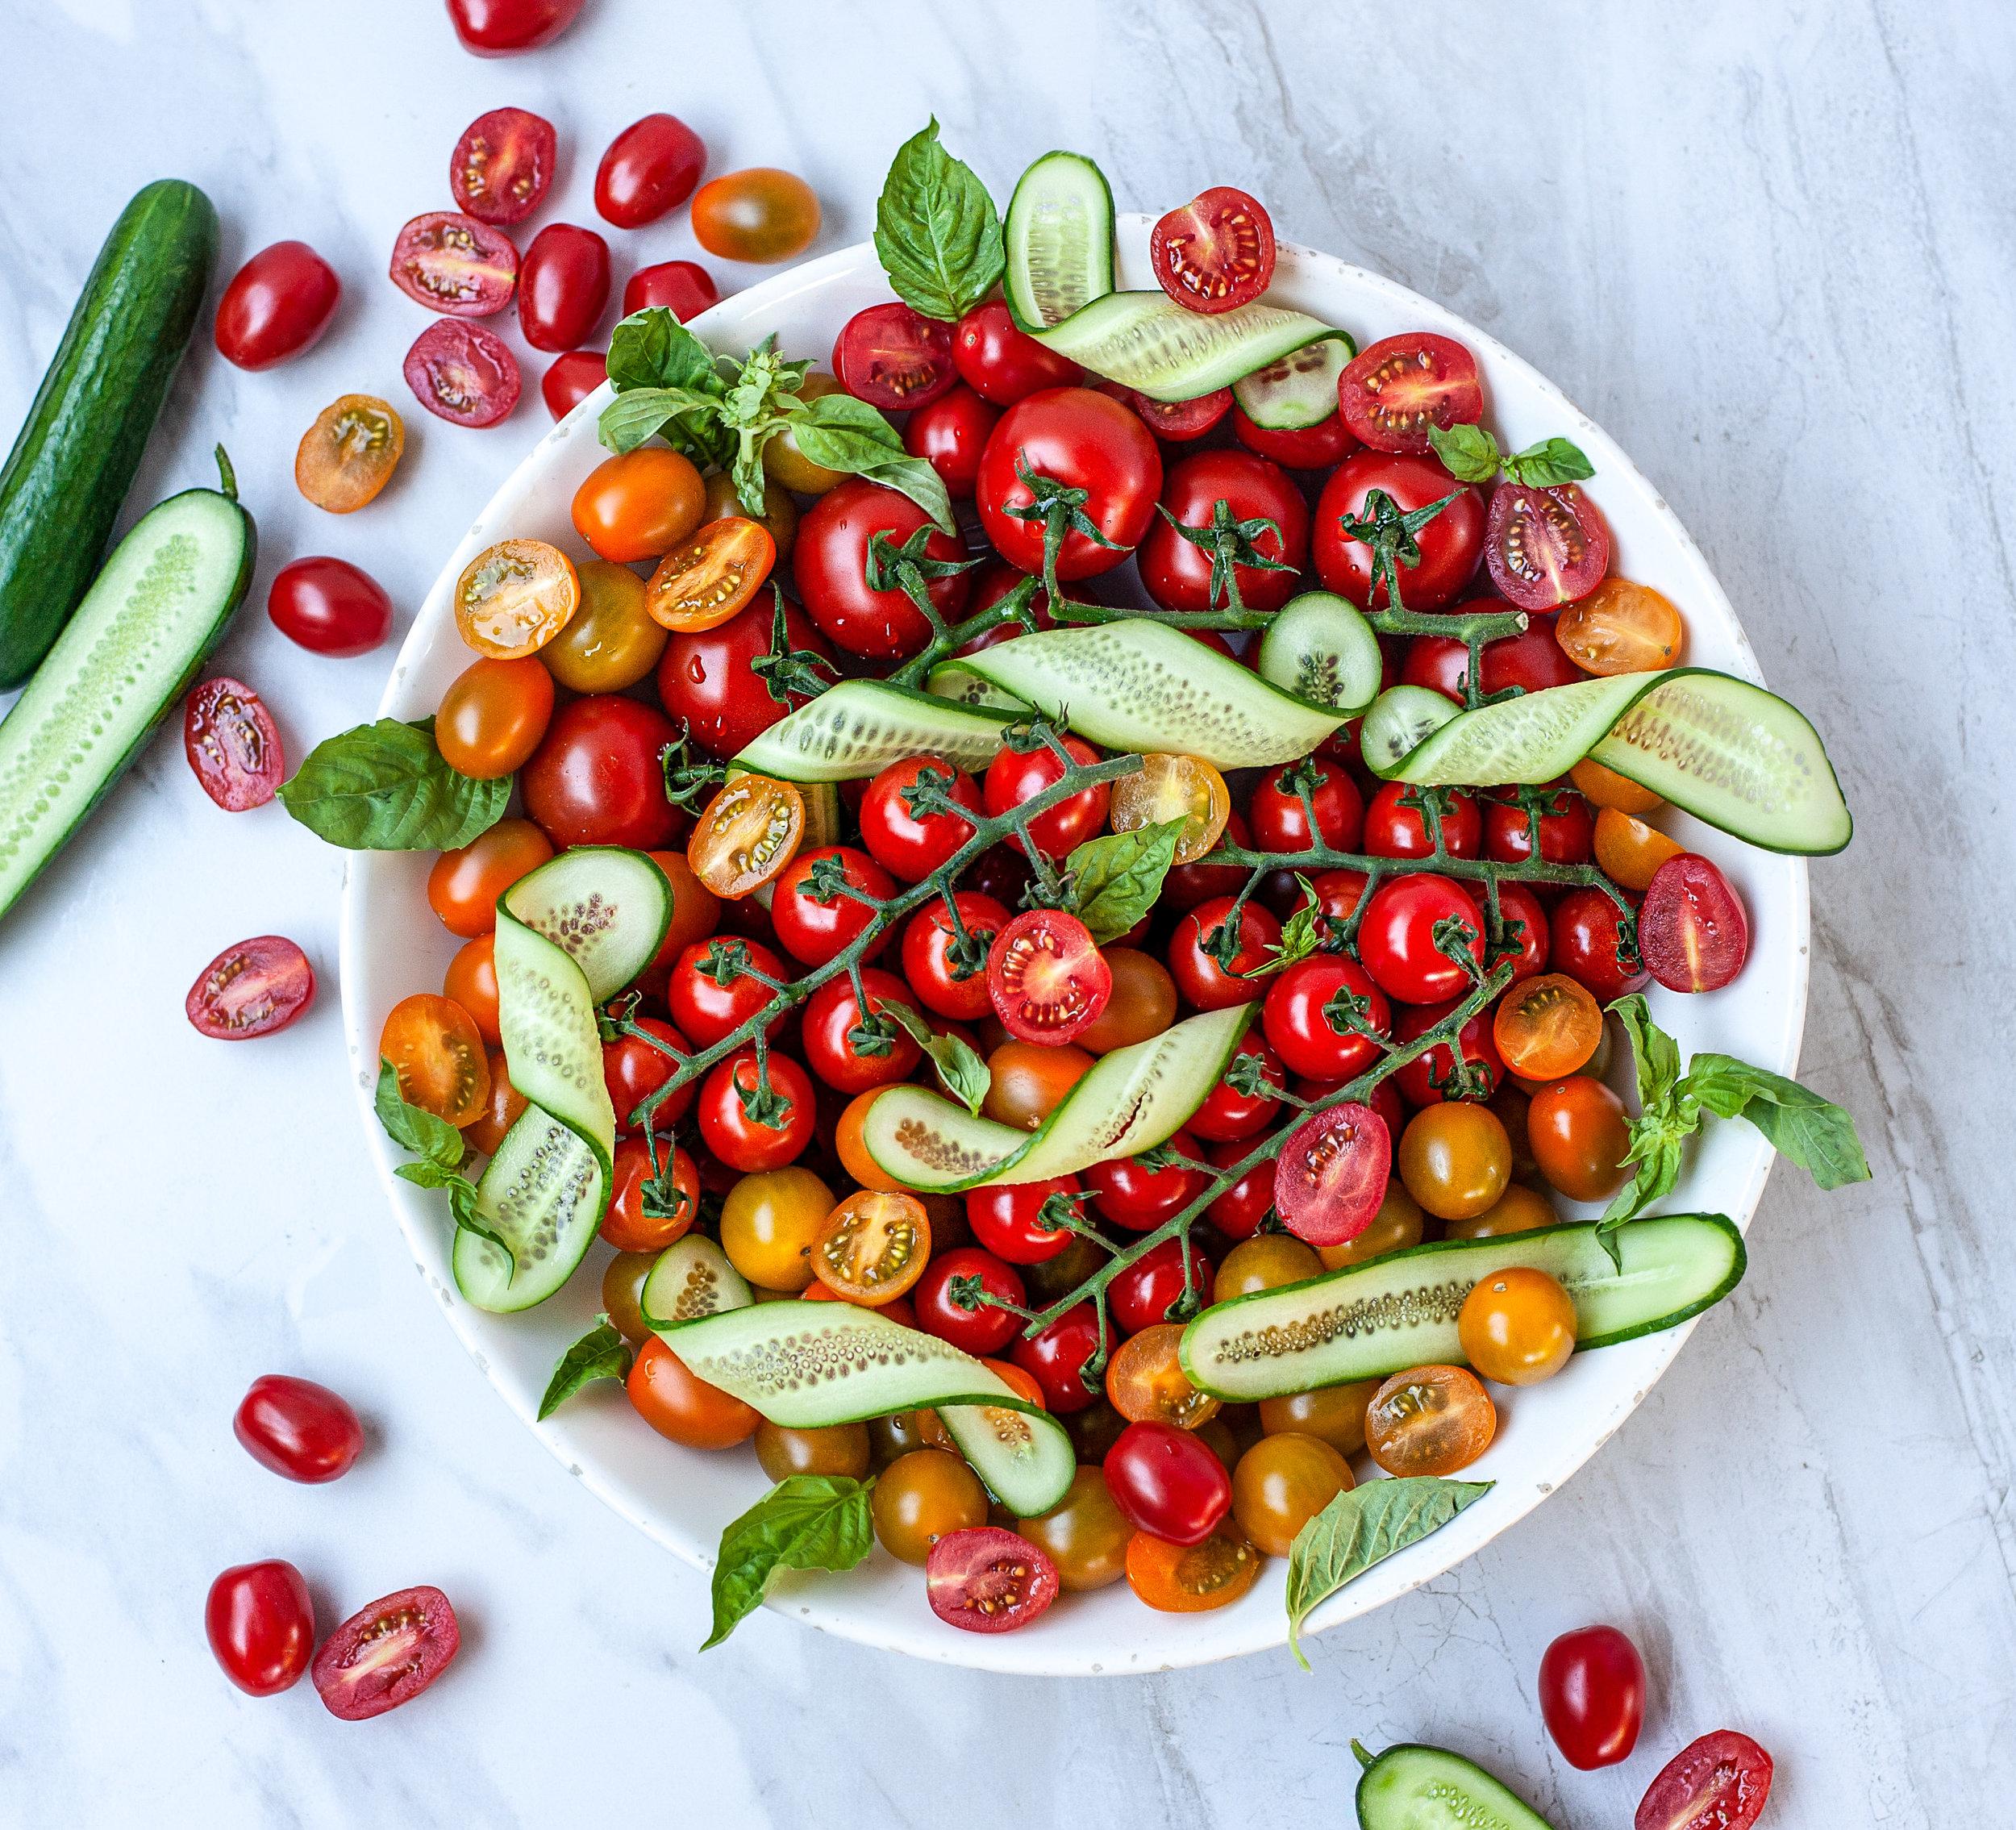 Tomatoes-Houwelings-2.jpg